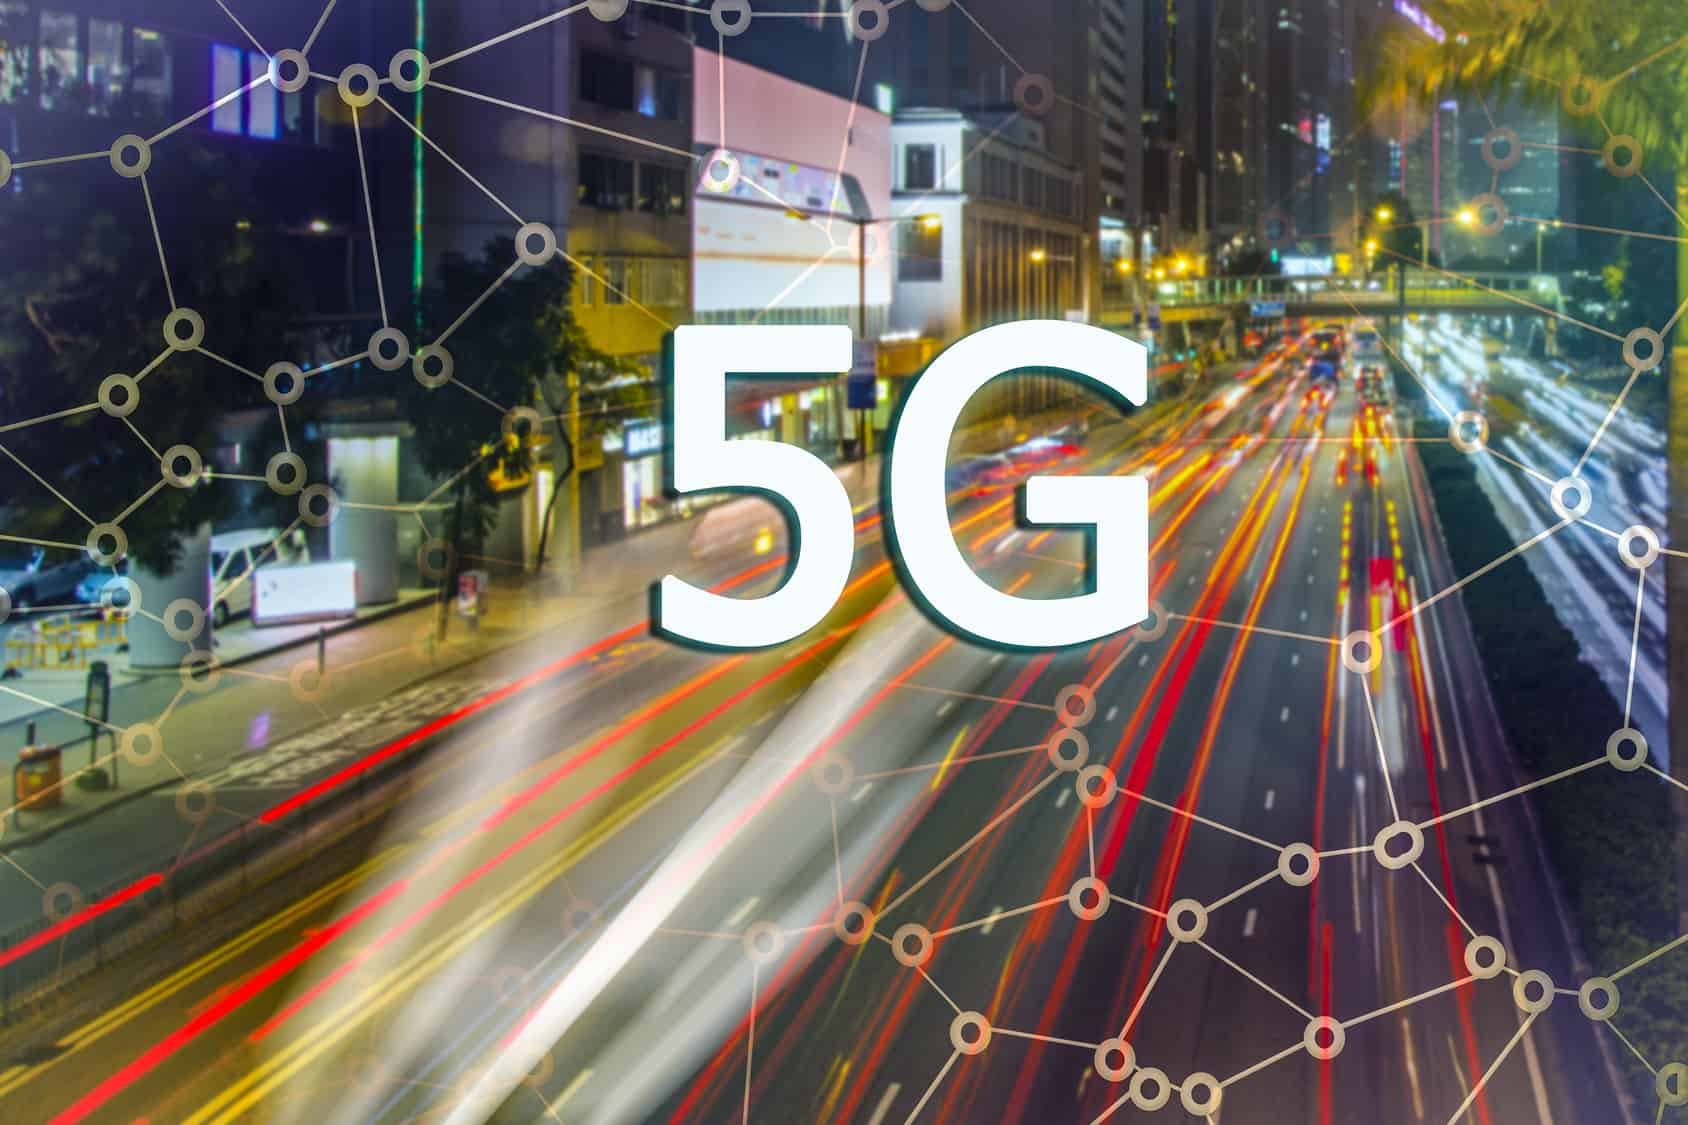 El problema es que la 5G no será una tecnología cualquiera, sino una verdadera revolución en la forma en que interactuamos con el mundo